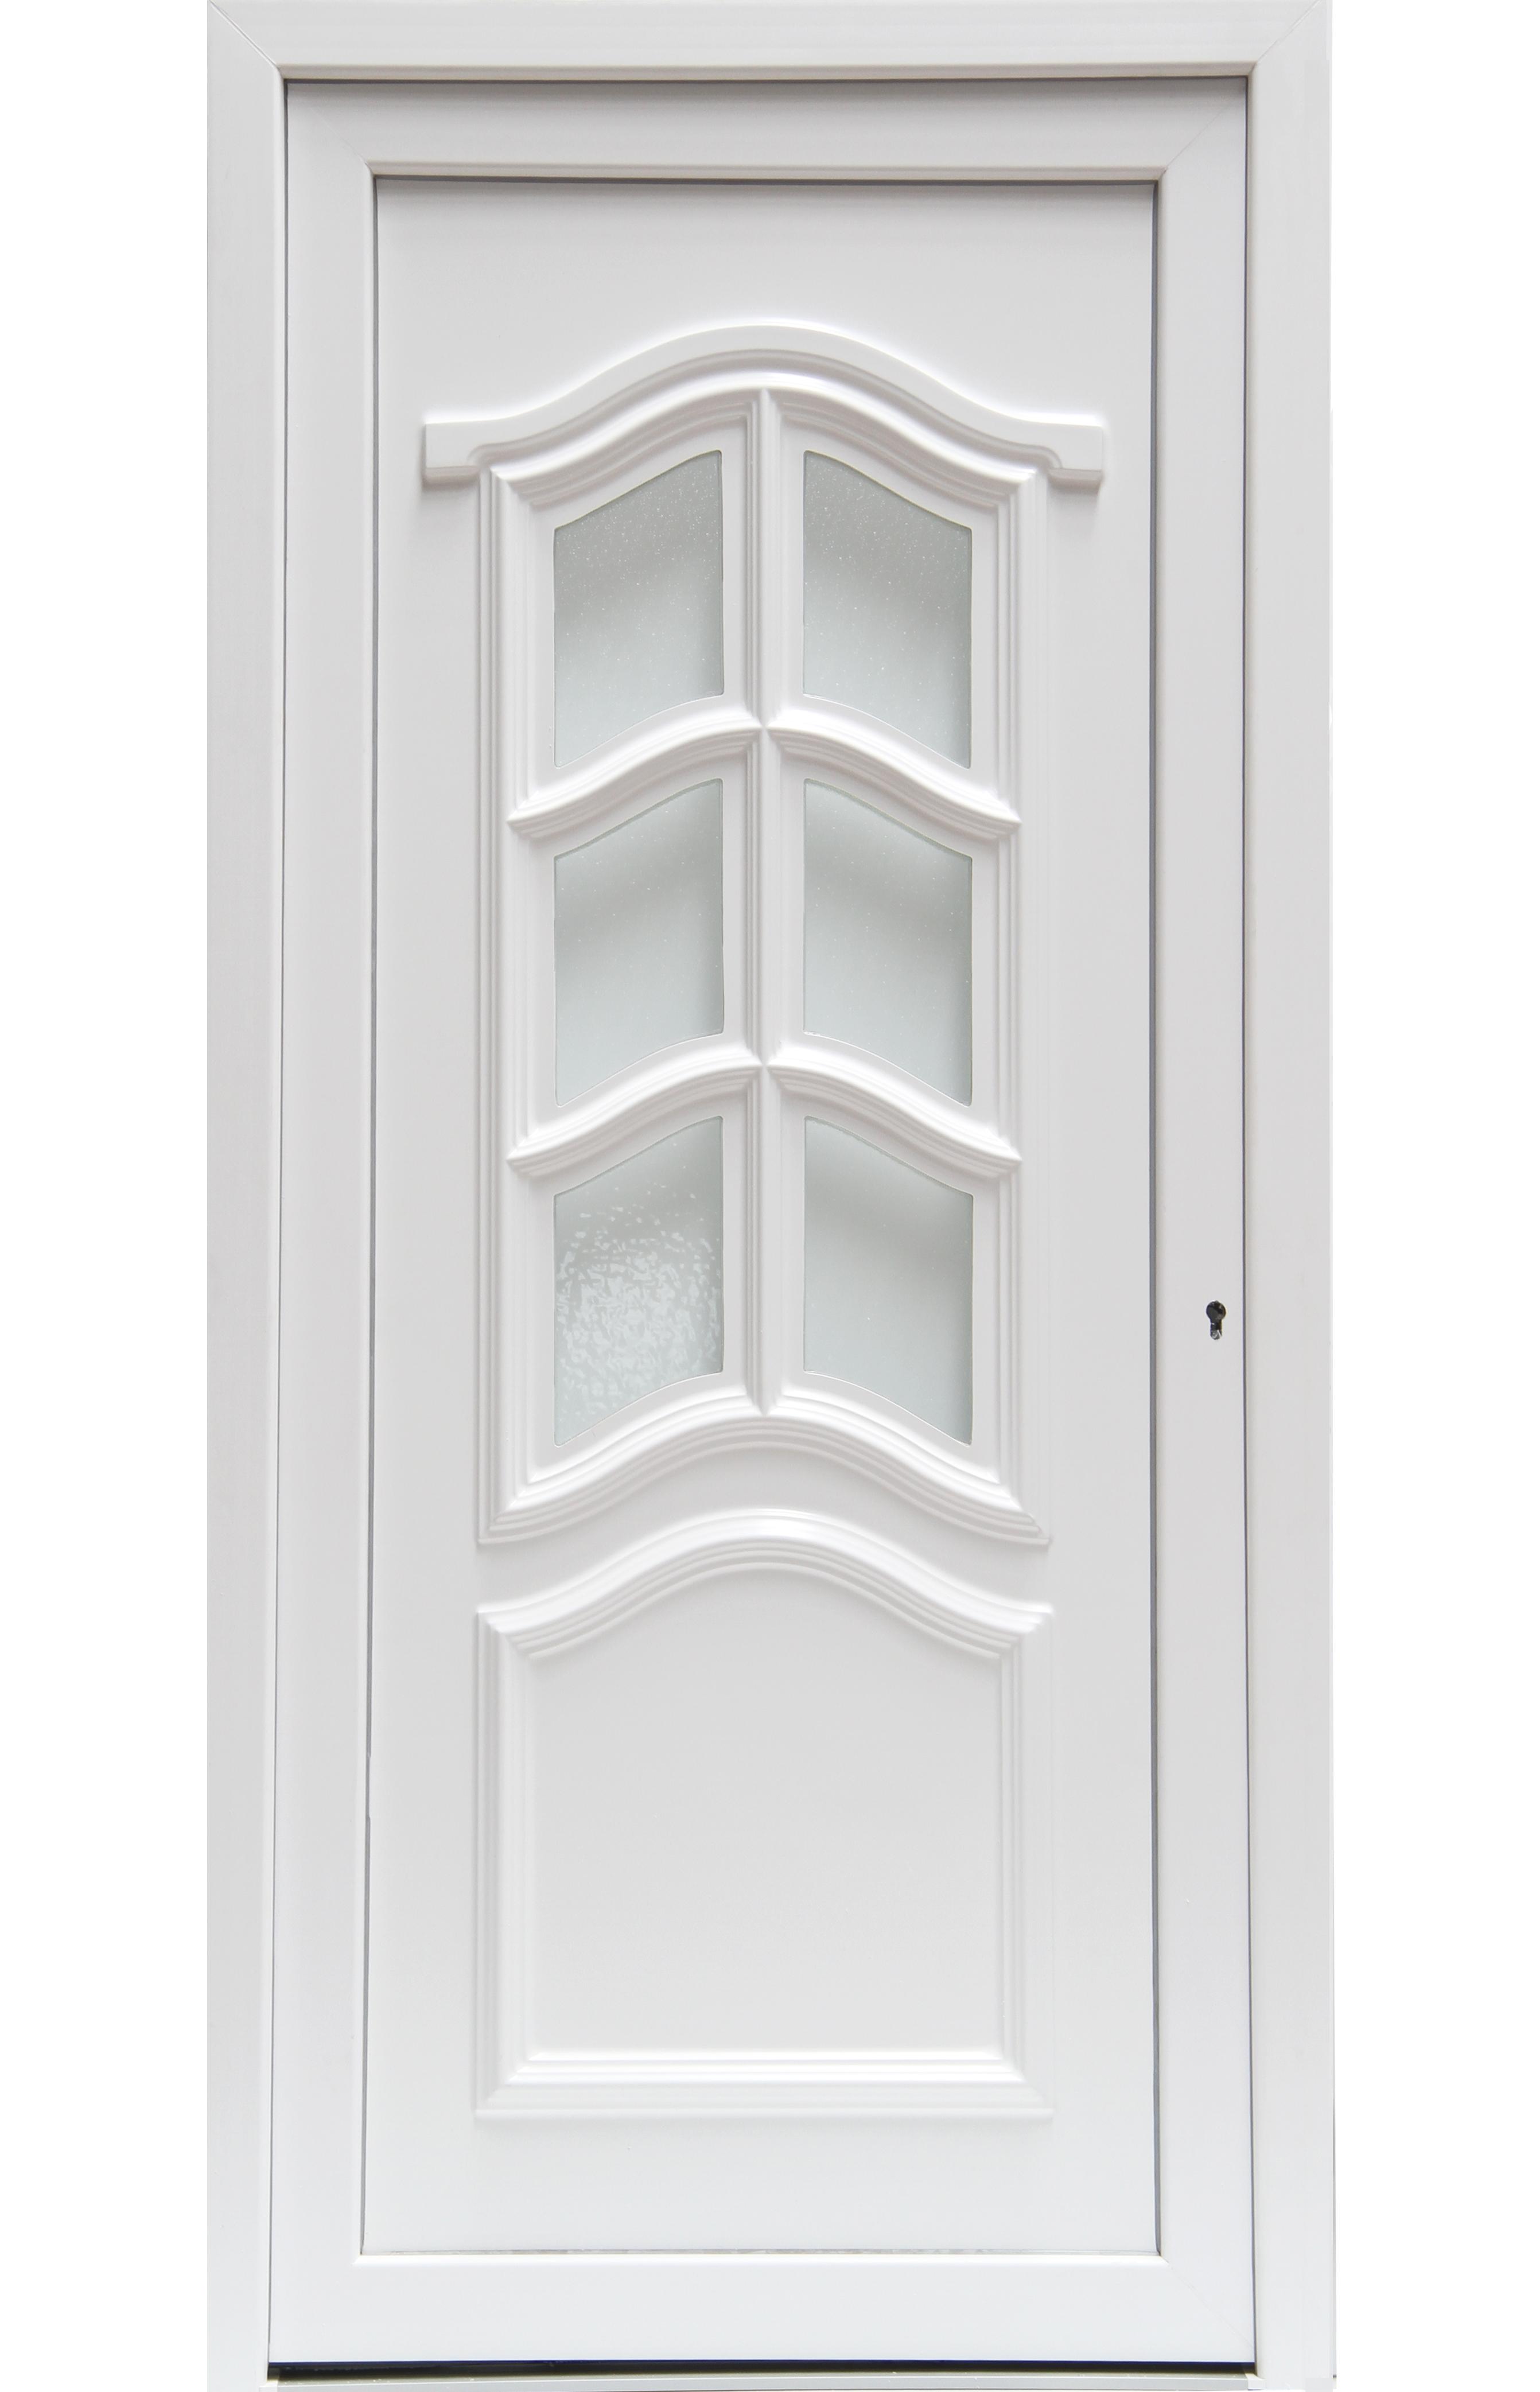 kuporta kunststoff haust r barolo. Black Bedroom Furniture Sets. Home Design Ideas